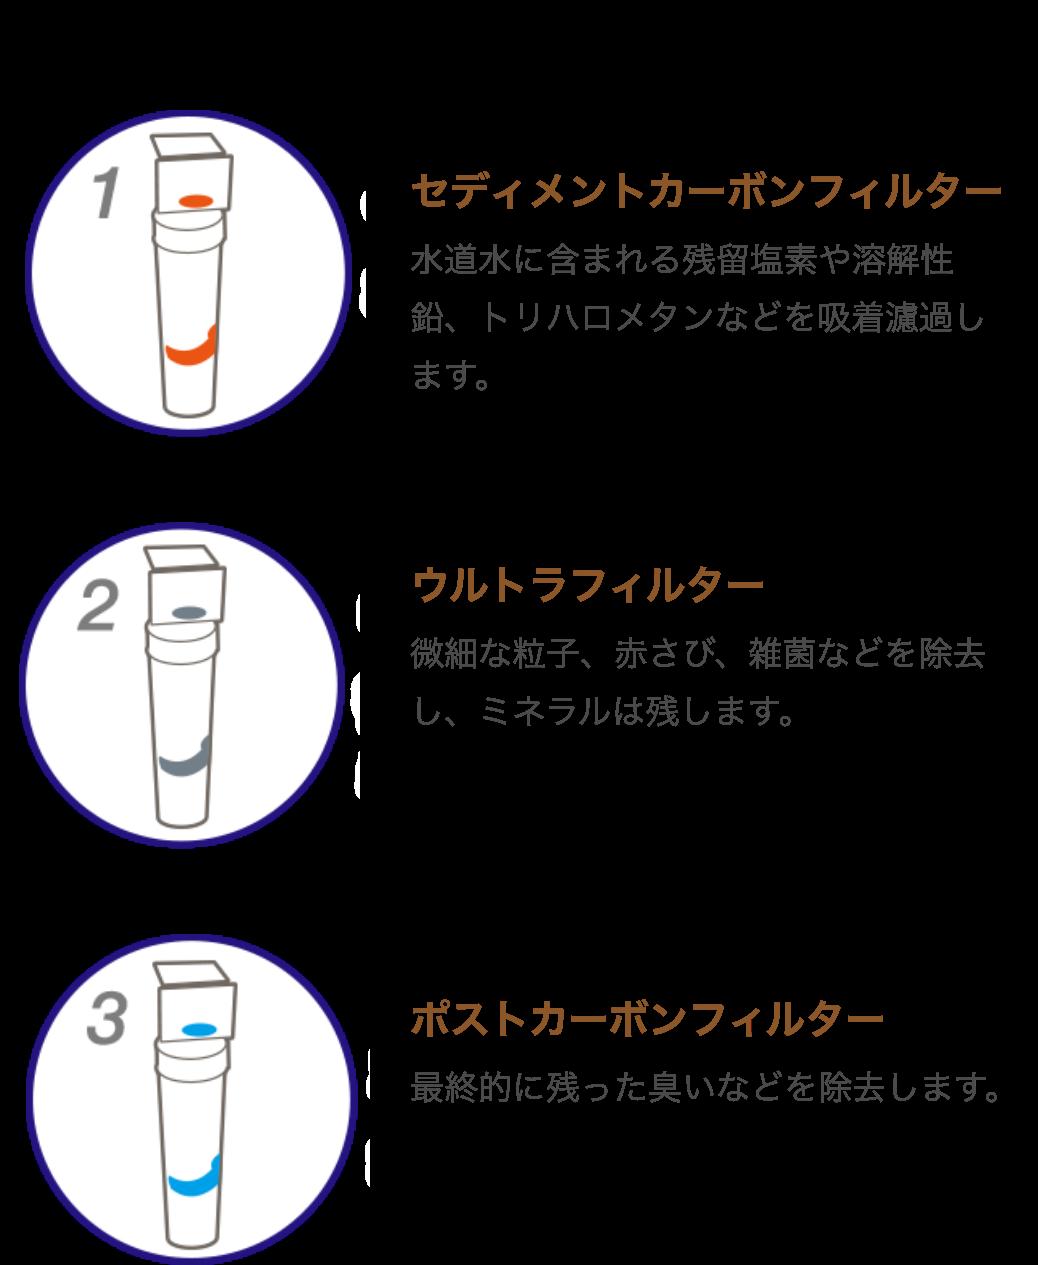 クリアエコ Sモデル 3本のフィルター画像